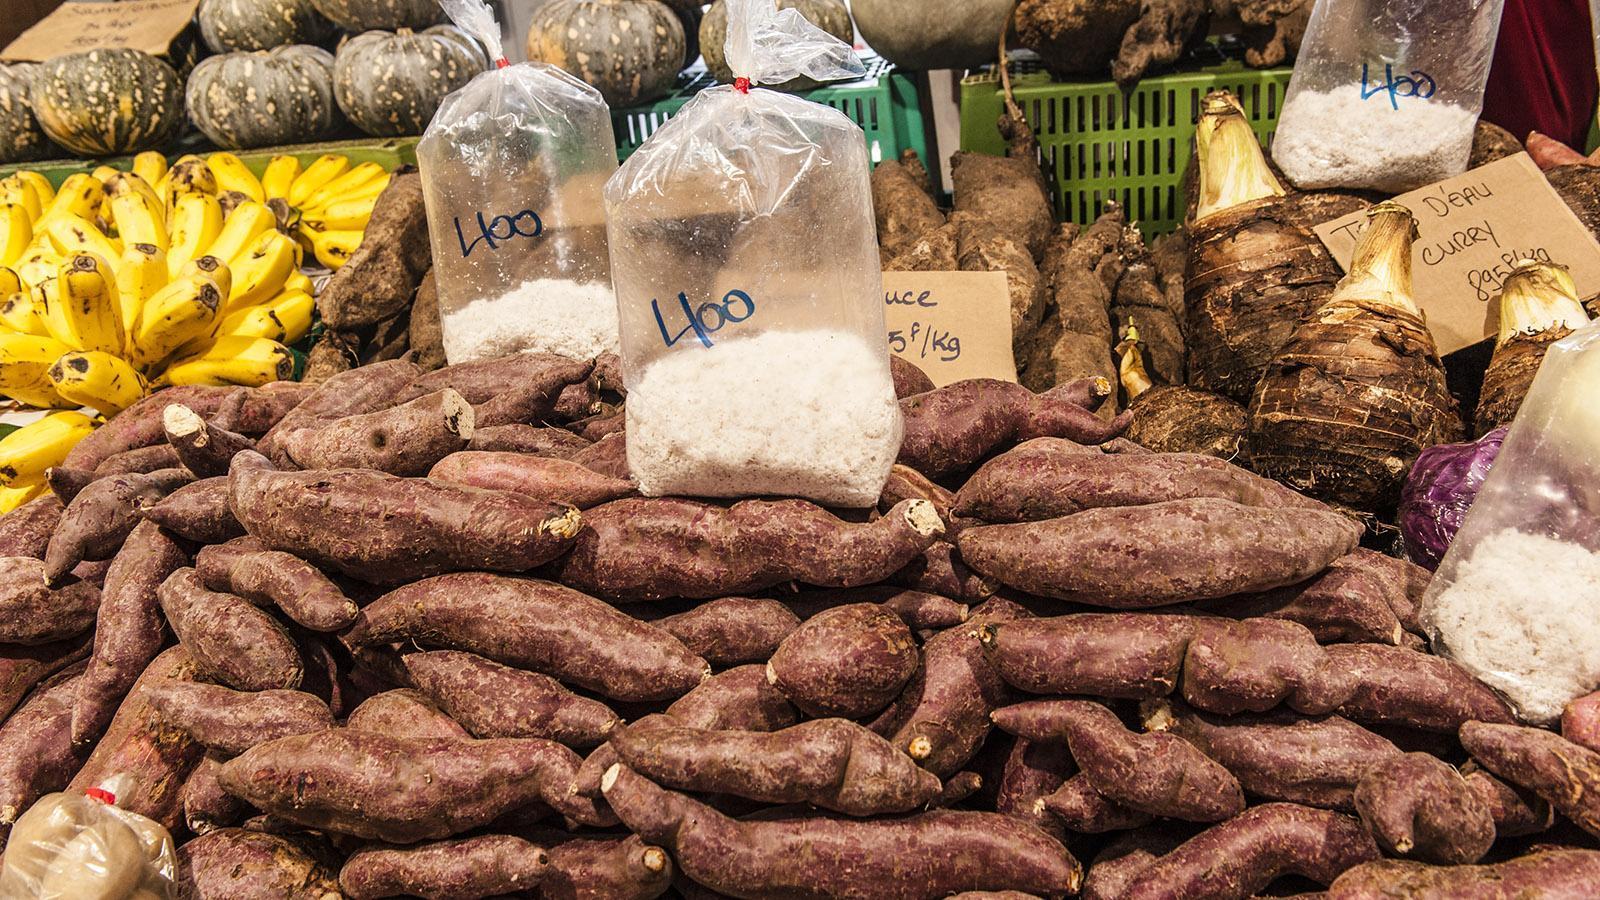 Marché de Nouméa: Roh sind sie giftig, geraspelt und gekocht Grundstock der Ernährung: Wurzeln wie Maniok, Yams und Taro. Foto: Hilke Maunder